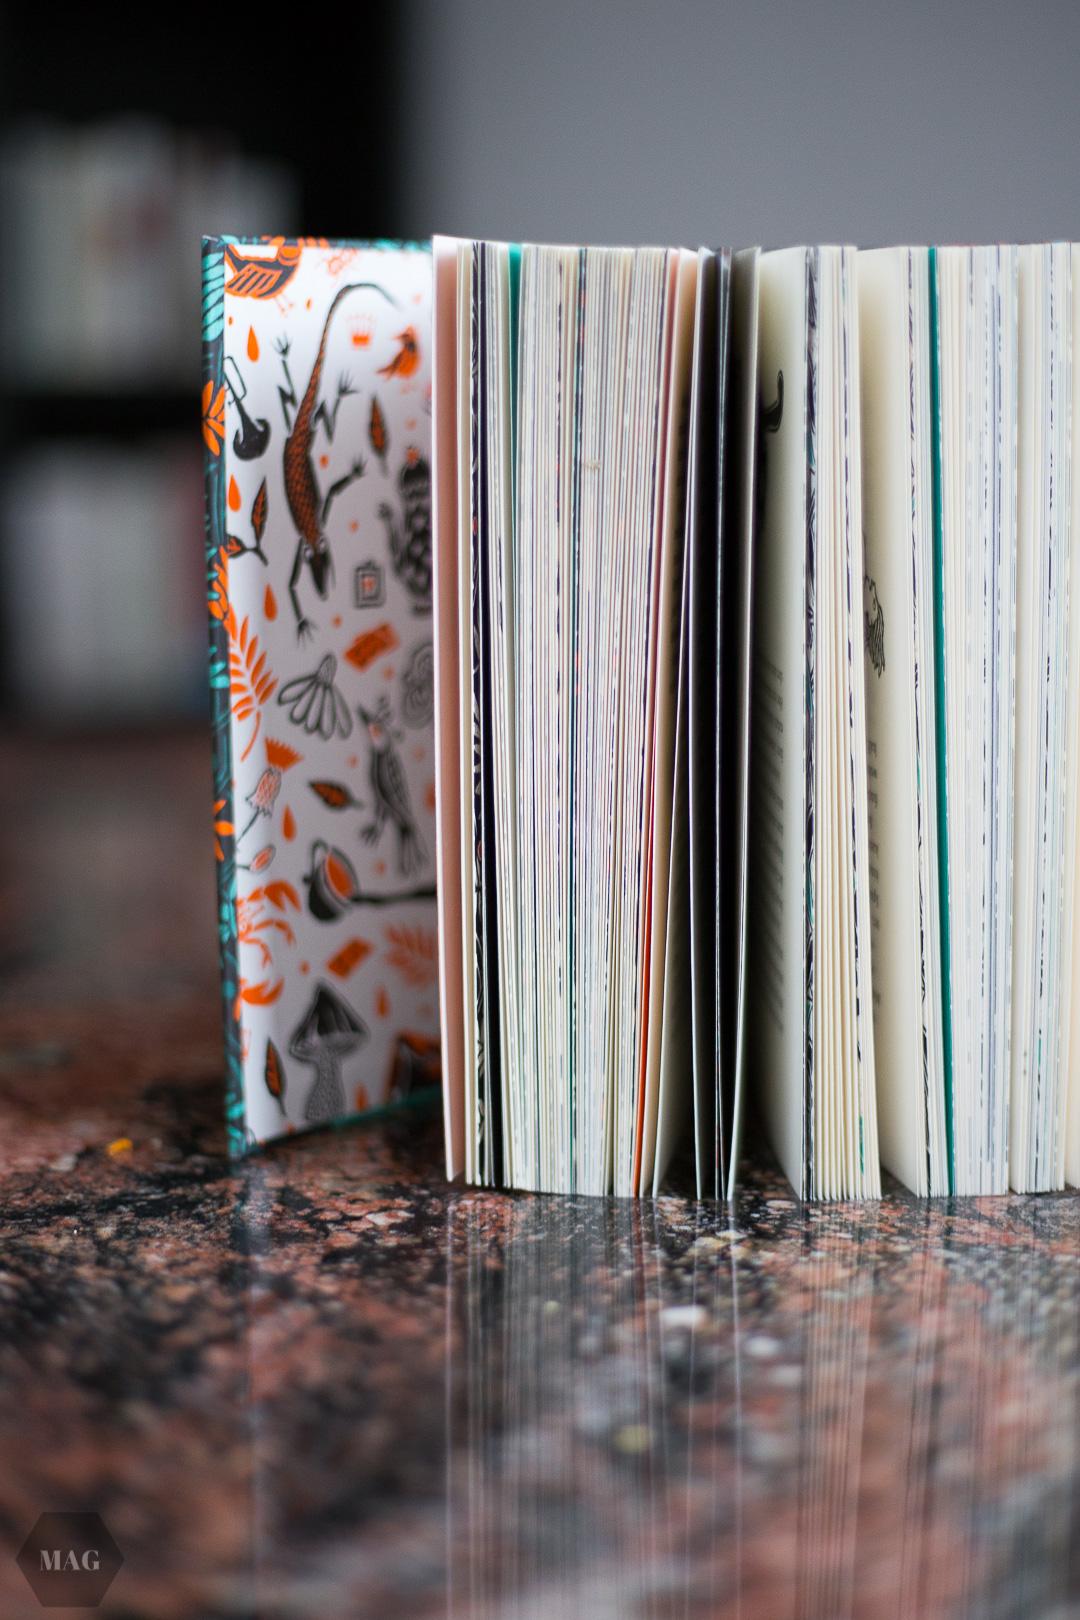 Bücher ausmisten, Ausmisten, Bücher weggeben, Bücher verschenken, Bücher reduzieren, Bücher, Bücher minimalisieren